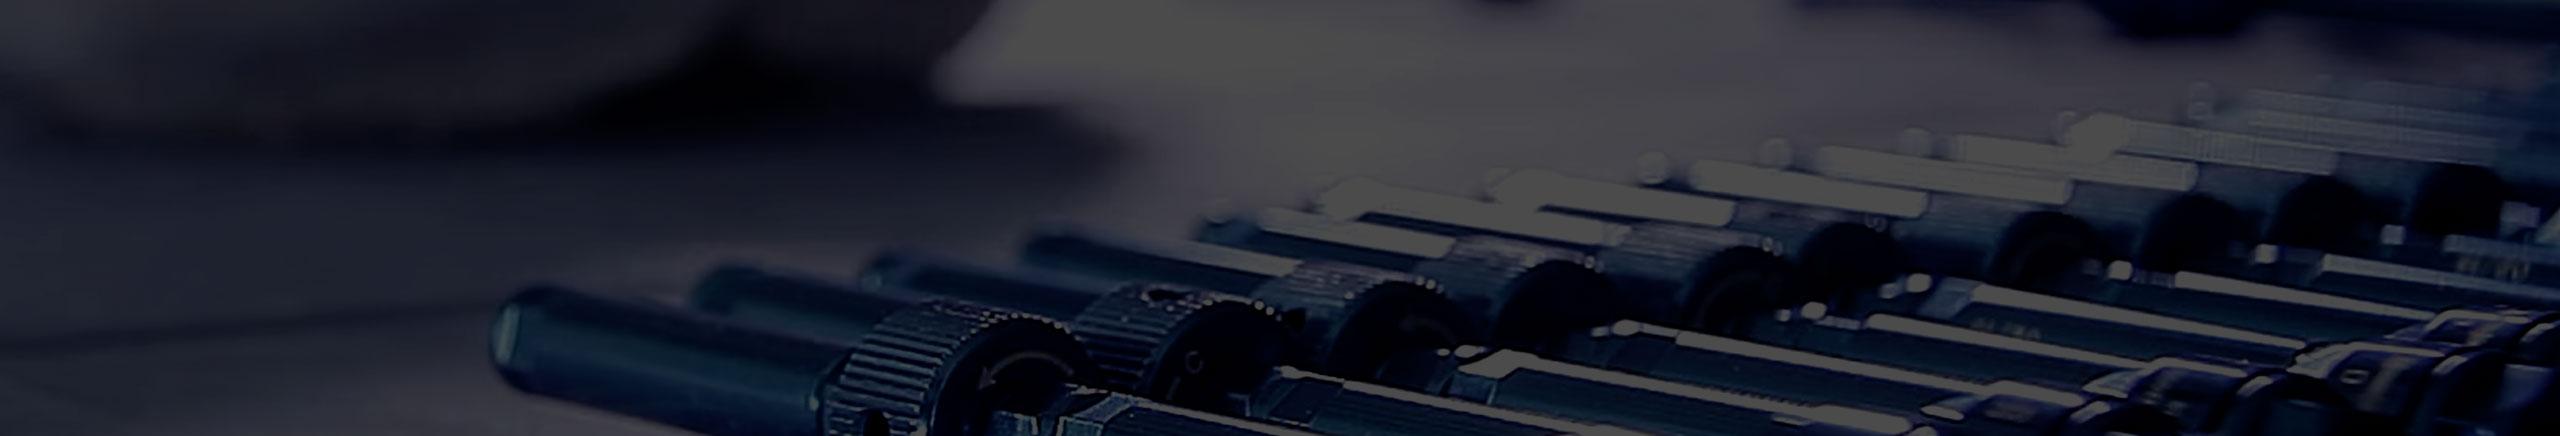 Viti a compressione - Fissatori radiotrasparenti - fissatore ibrido nuovo concetto